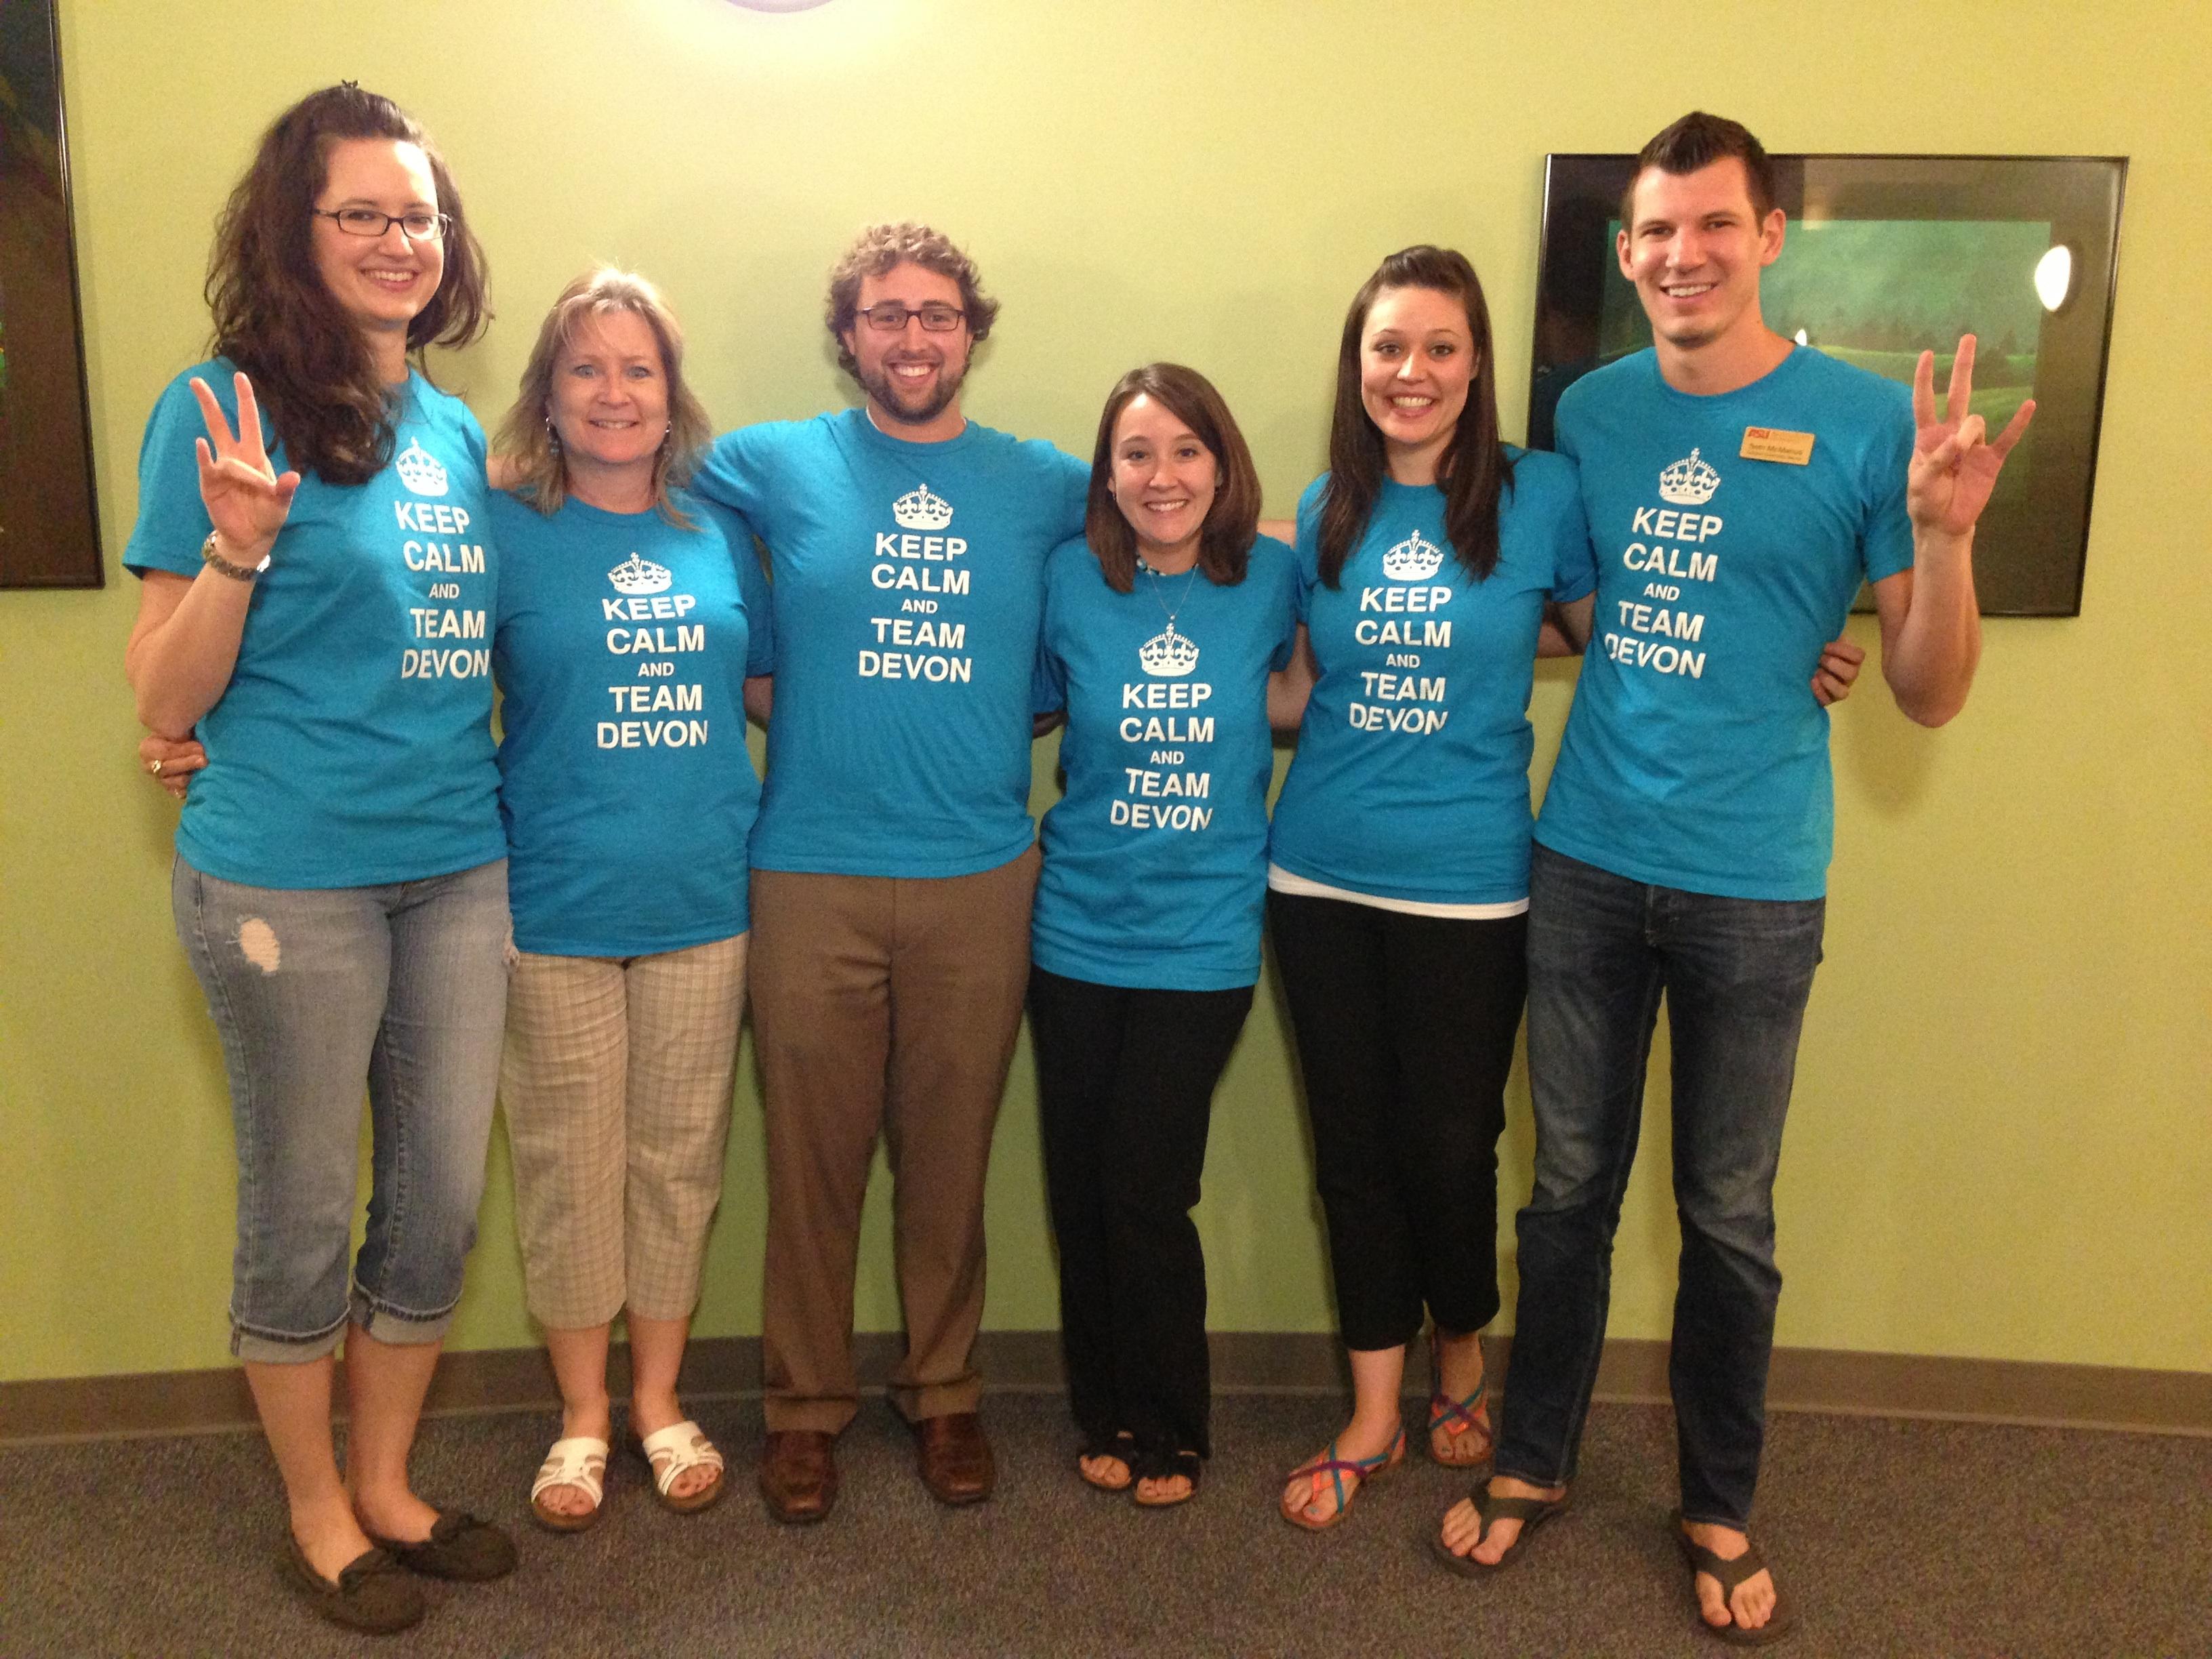 T shirt design keep calm - Keep Calm And Team Devon T Shirt Photo